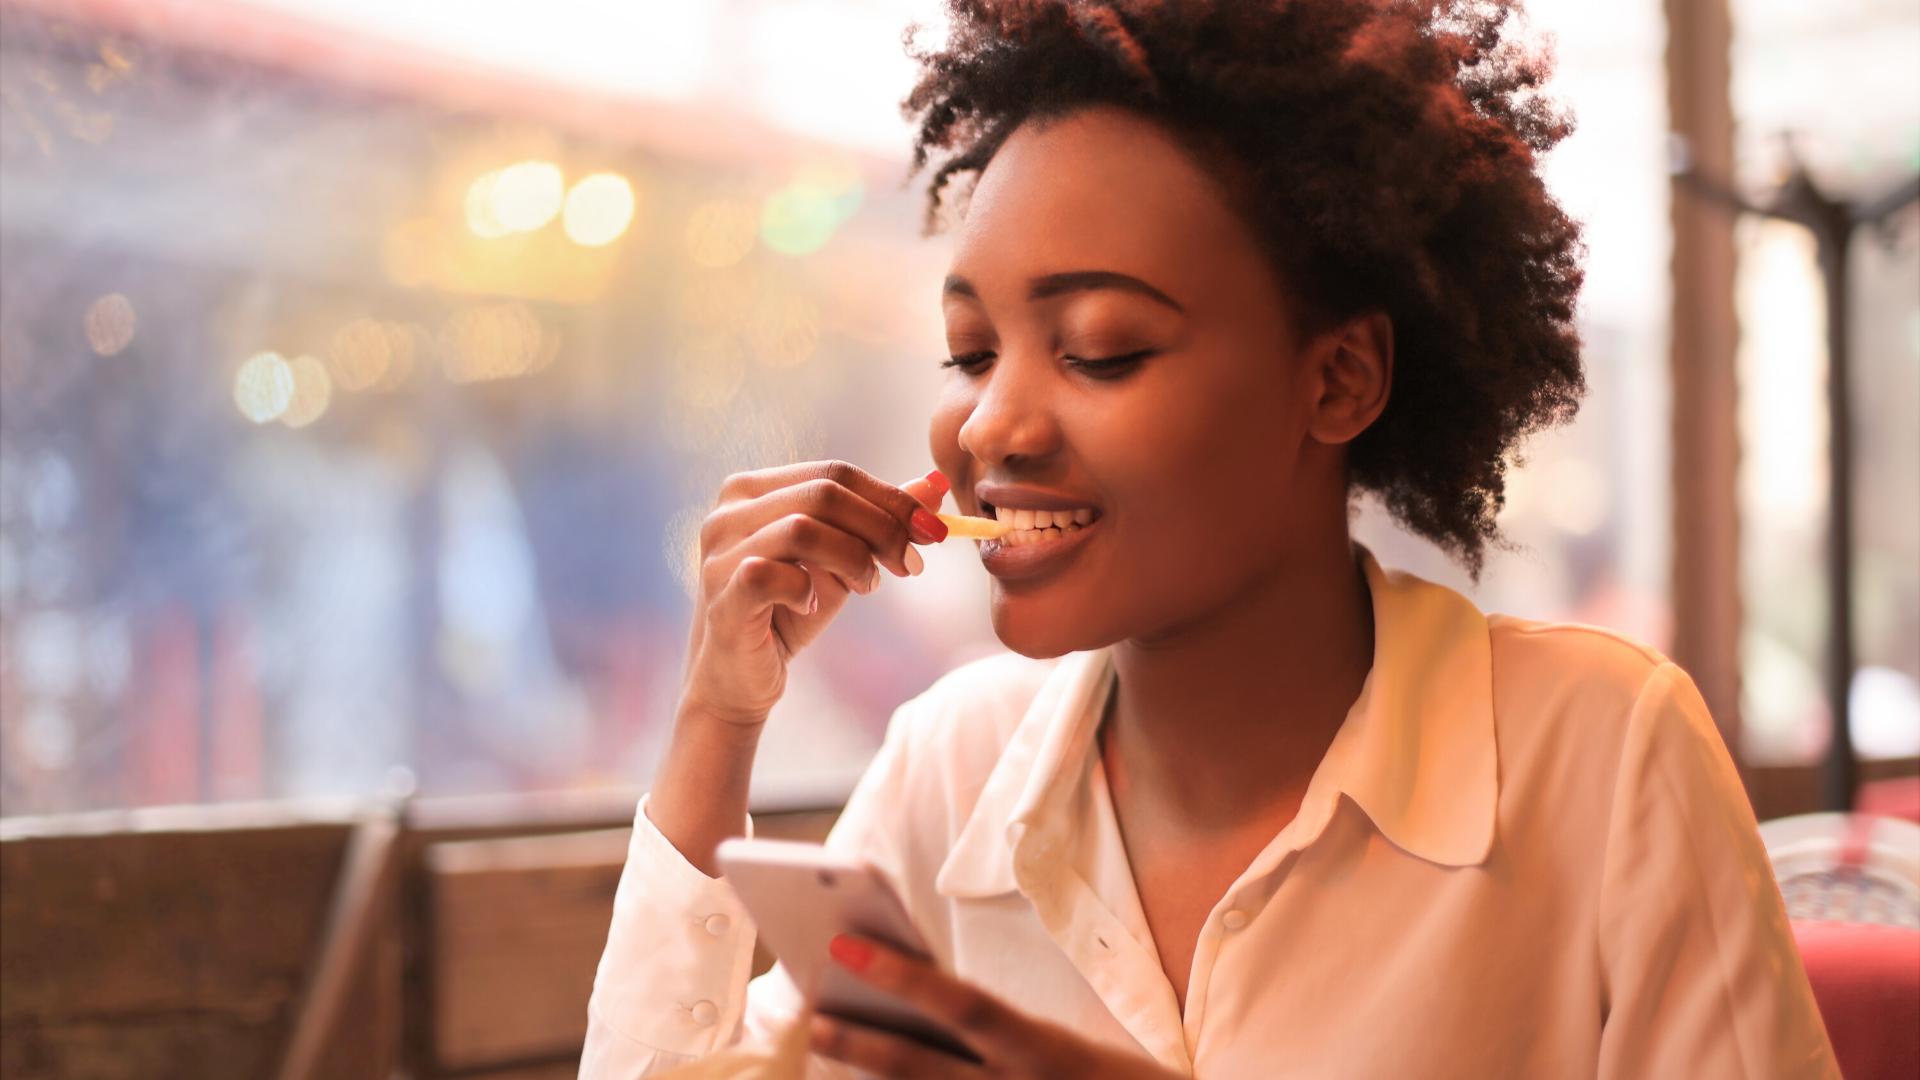 Sai da dieta, como recuperar o corpo em instantes?